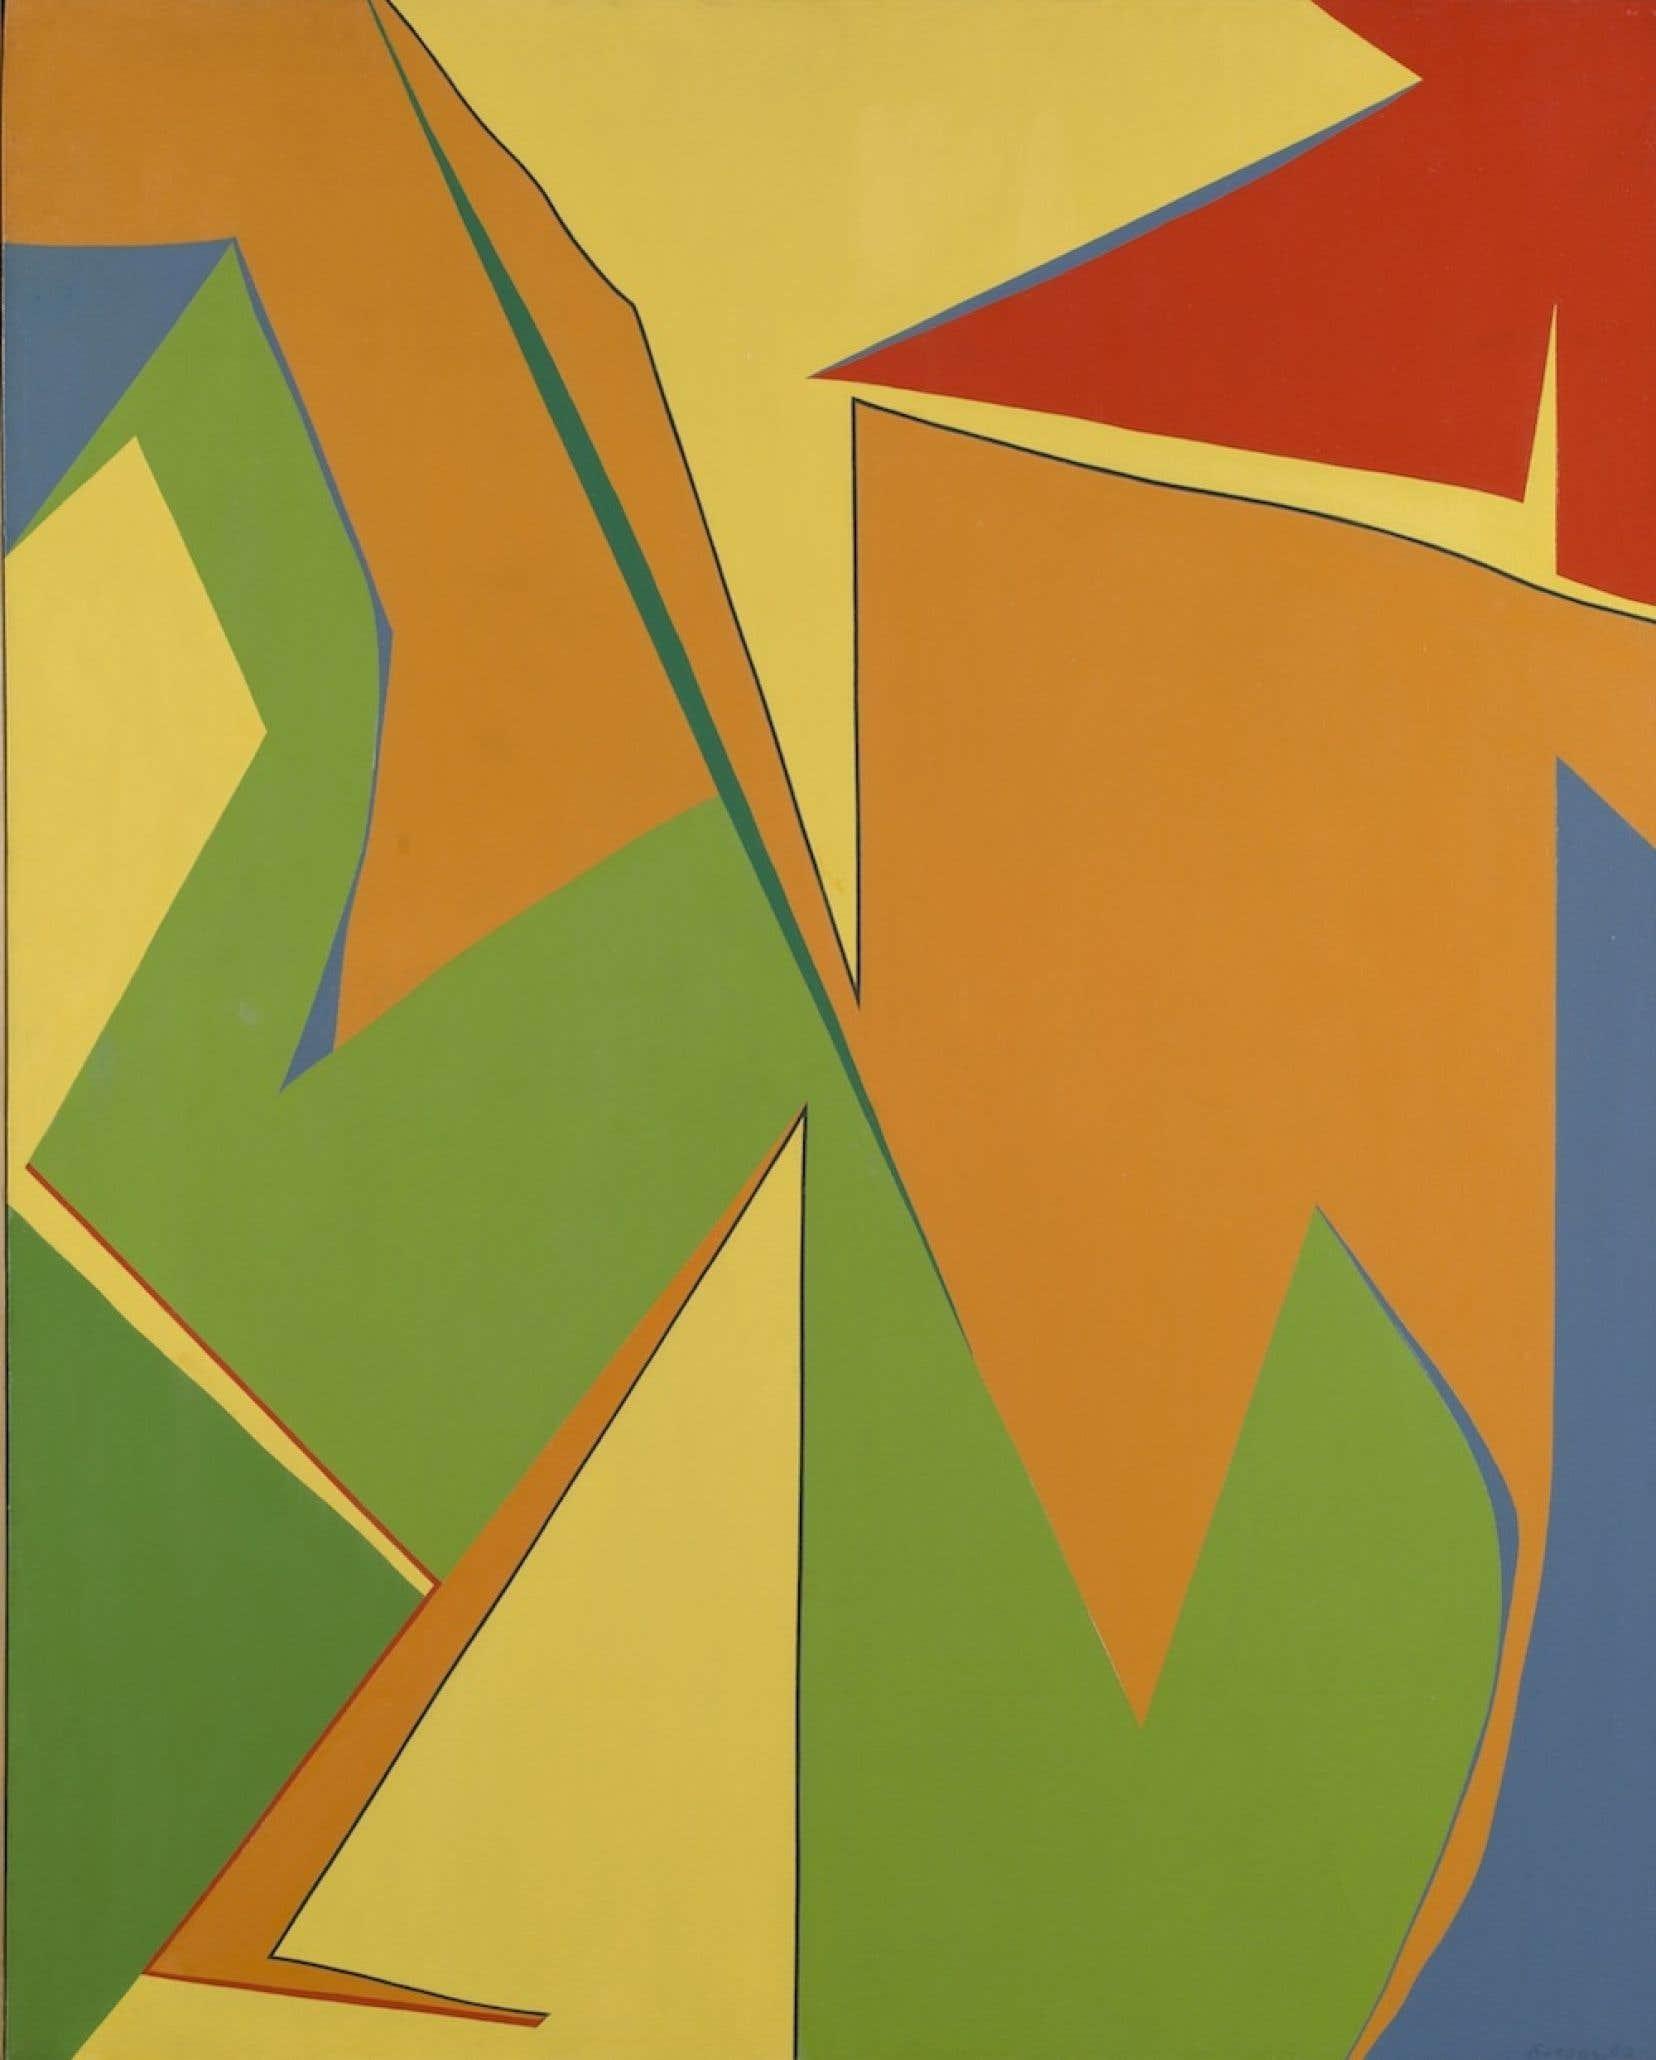 Jaune, huile sur toile réalisée en 1962. Le peintre Fernand Leduc, l'un des signataires du manifeste Refus global, vient de disparaître à l'âge de 97 ans.